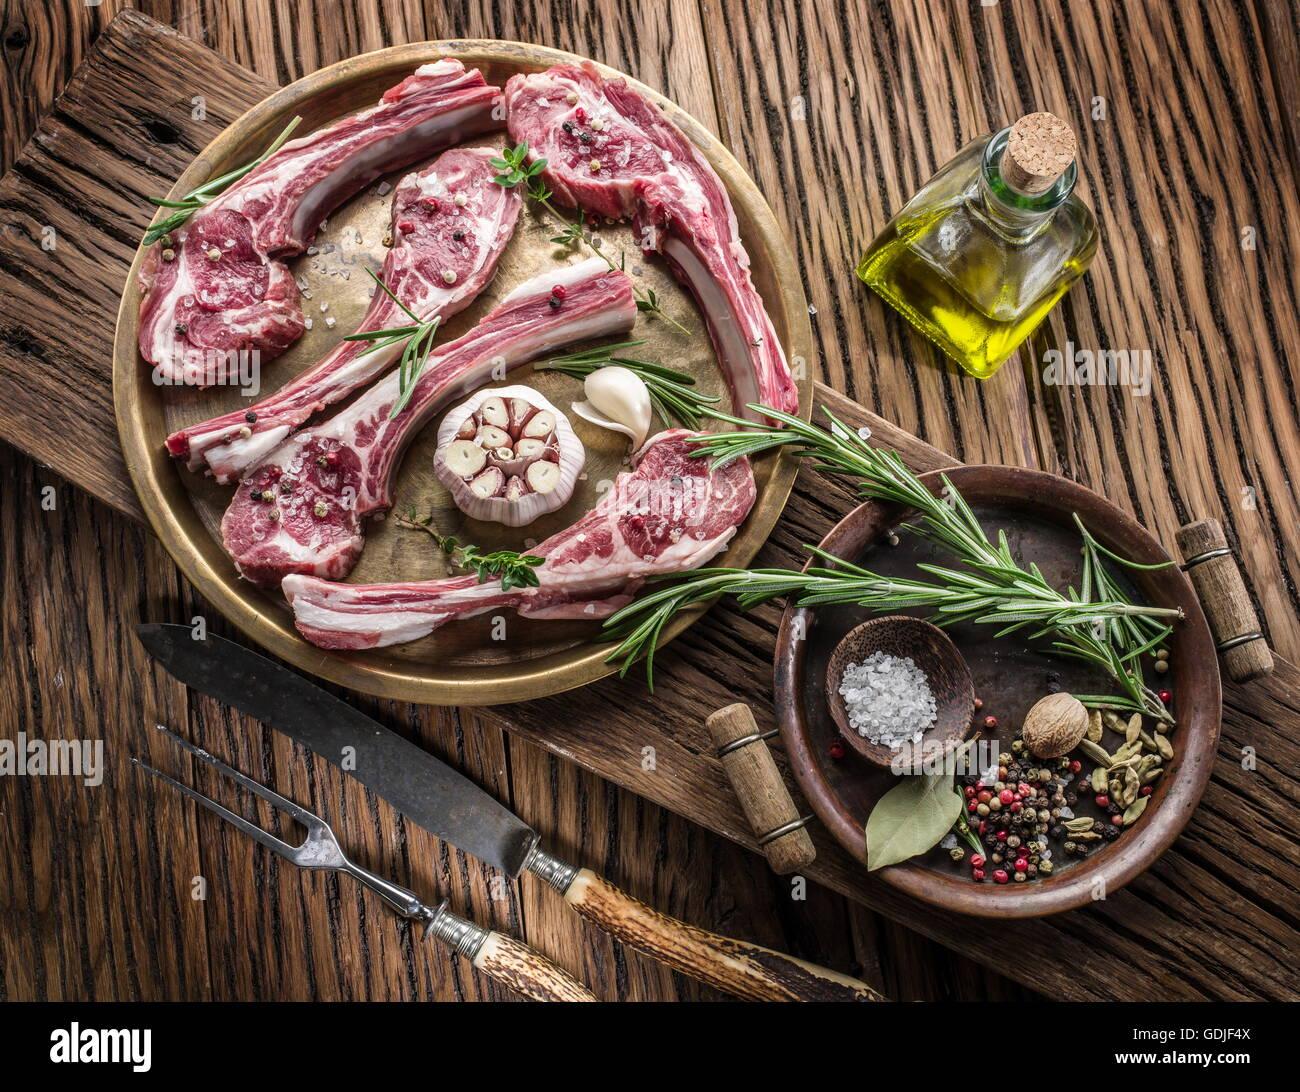 Materias chuletas de cordero con ajo y hierbas en la mesa de madera antigua. Imagen De Stock